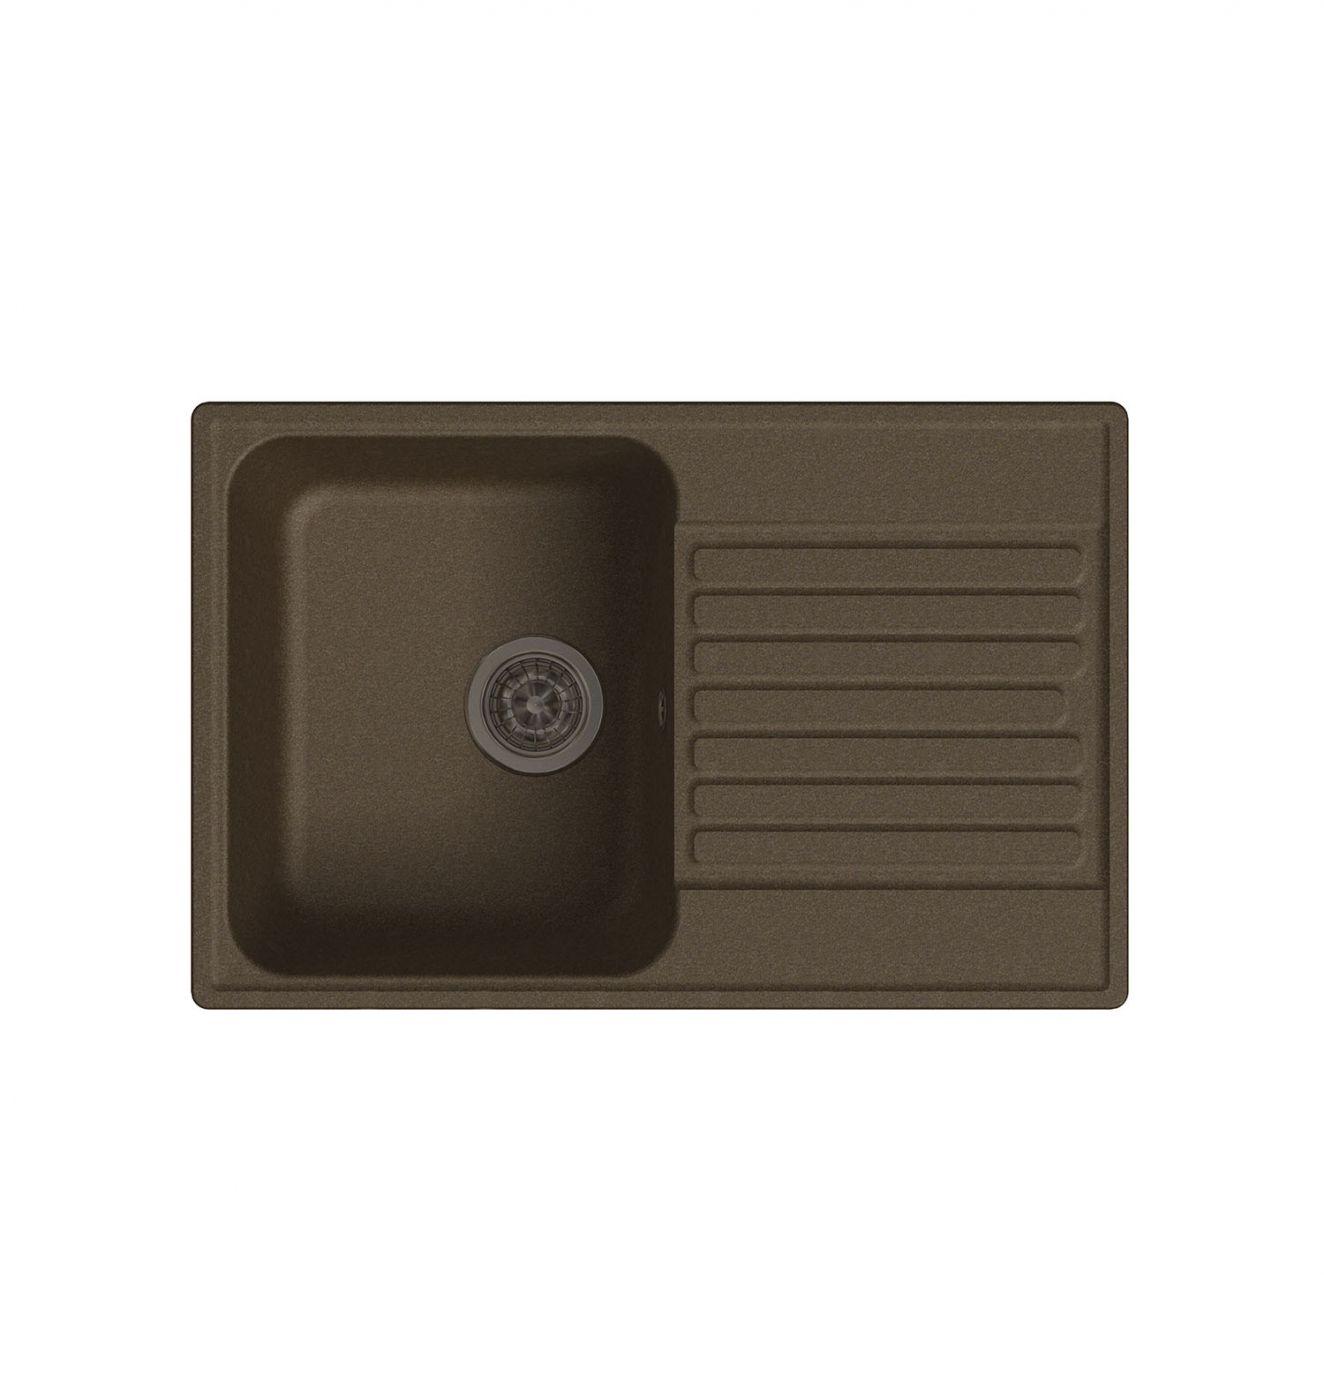 Врезная кухонная мойка LEX Geneva 740 Chocolate  74х48см полимер RULE000021